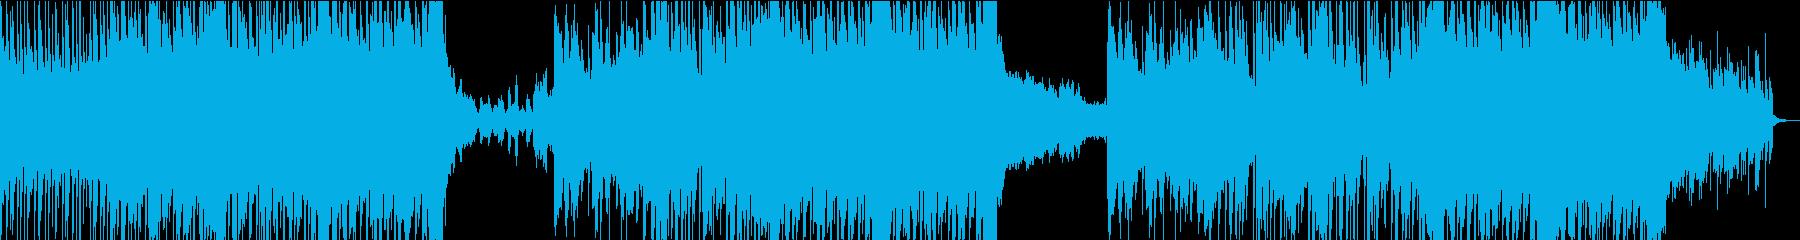 ヘビーなエレクトロロックの再生済みの波形